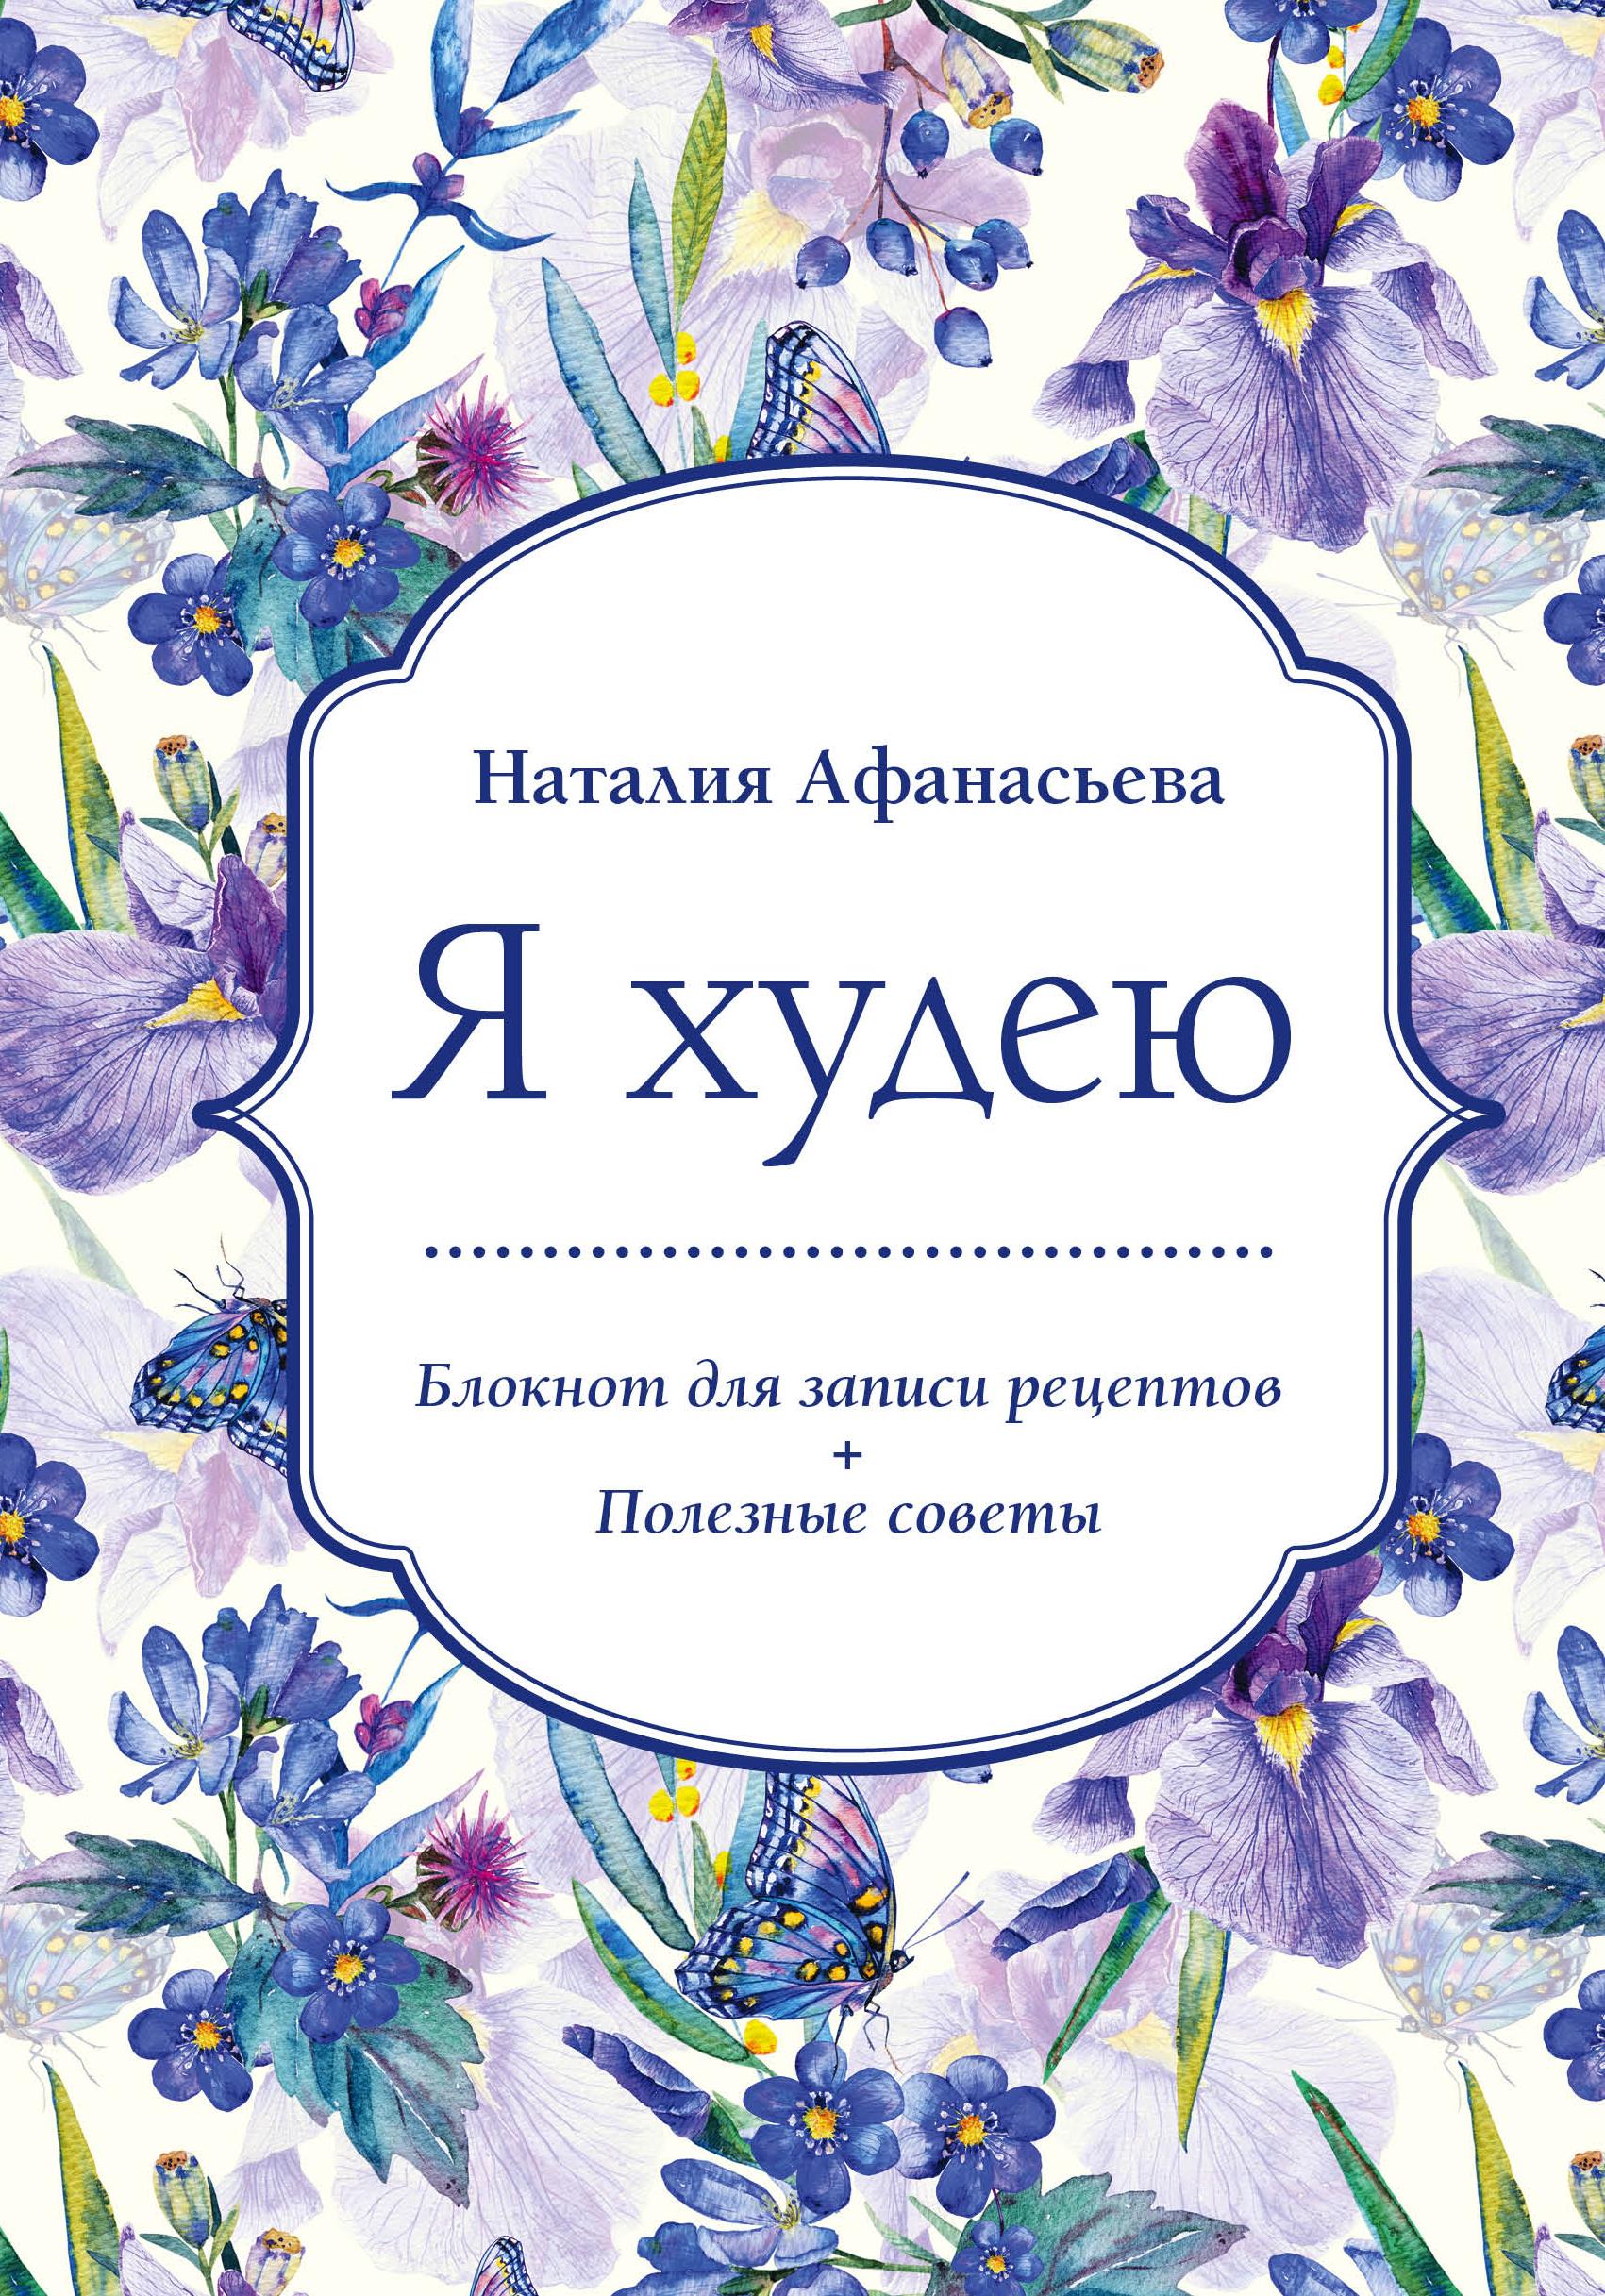 Наталия Афанасьева Блокнот для записи рецептов. Я худею блокноты эксмо блокнот для записи рецептов я худею пончики